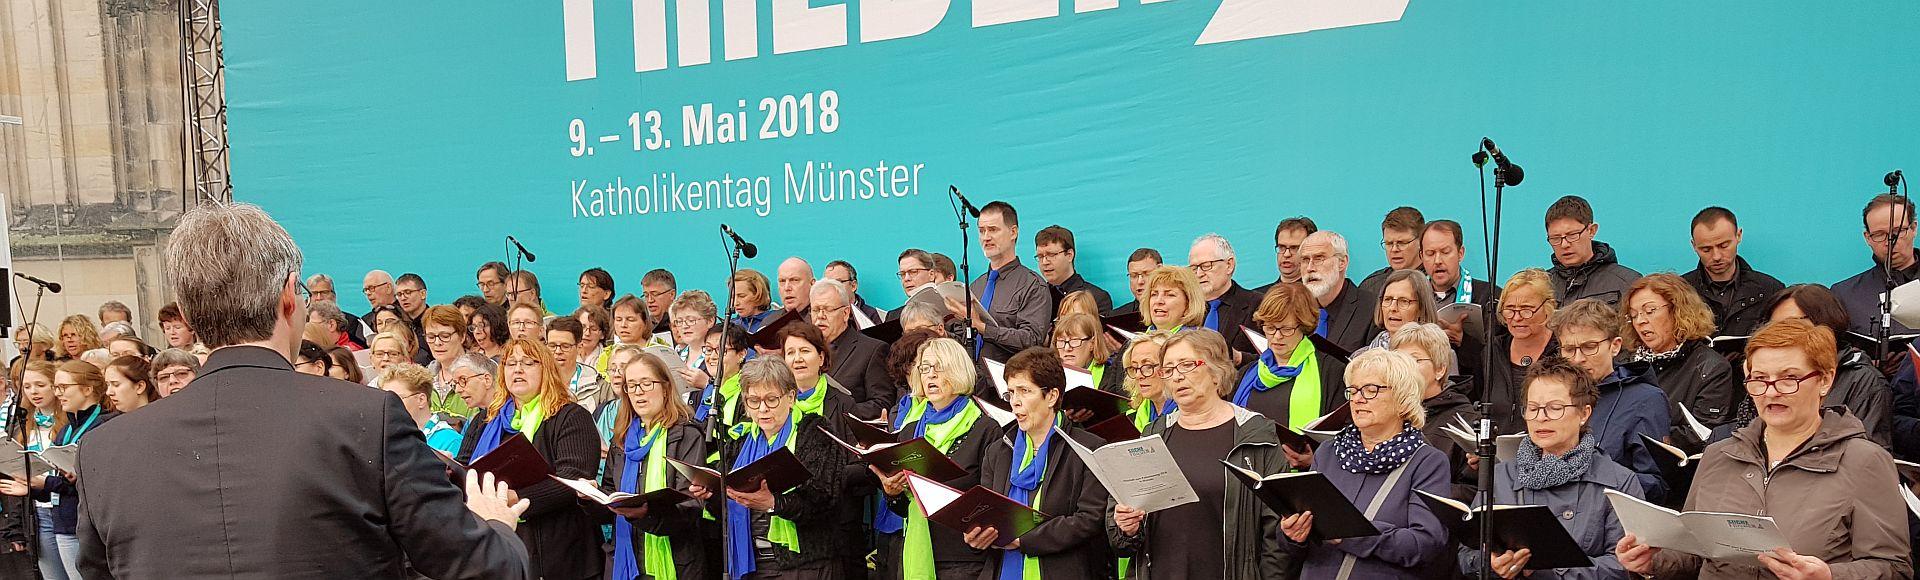 Katholikentag (2018)